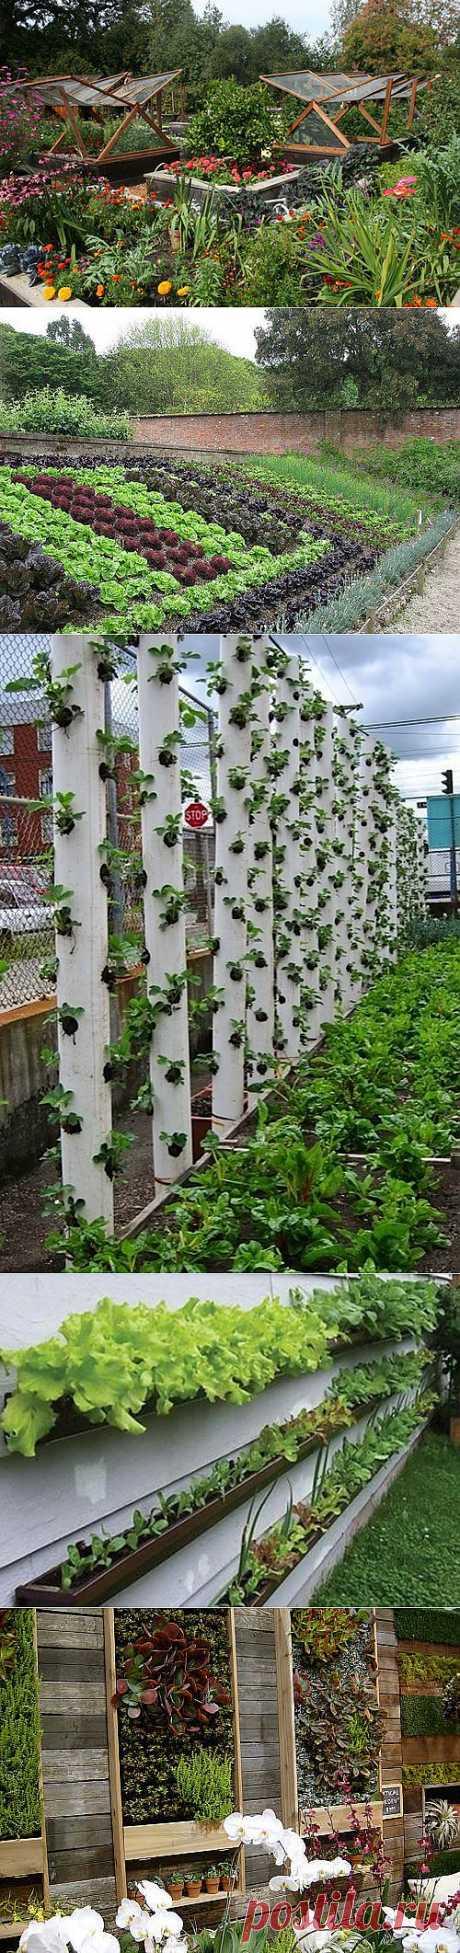 Декоративный огород: как сделать красивые грядки на участке   Наш уютный дом